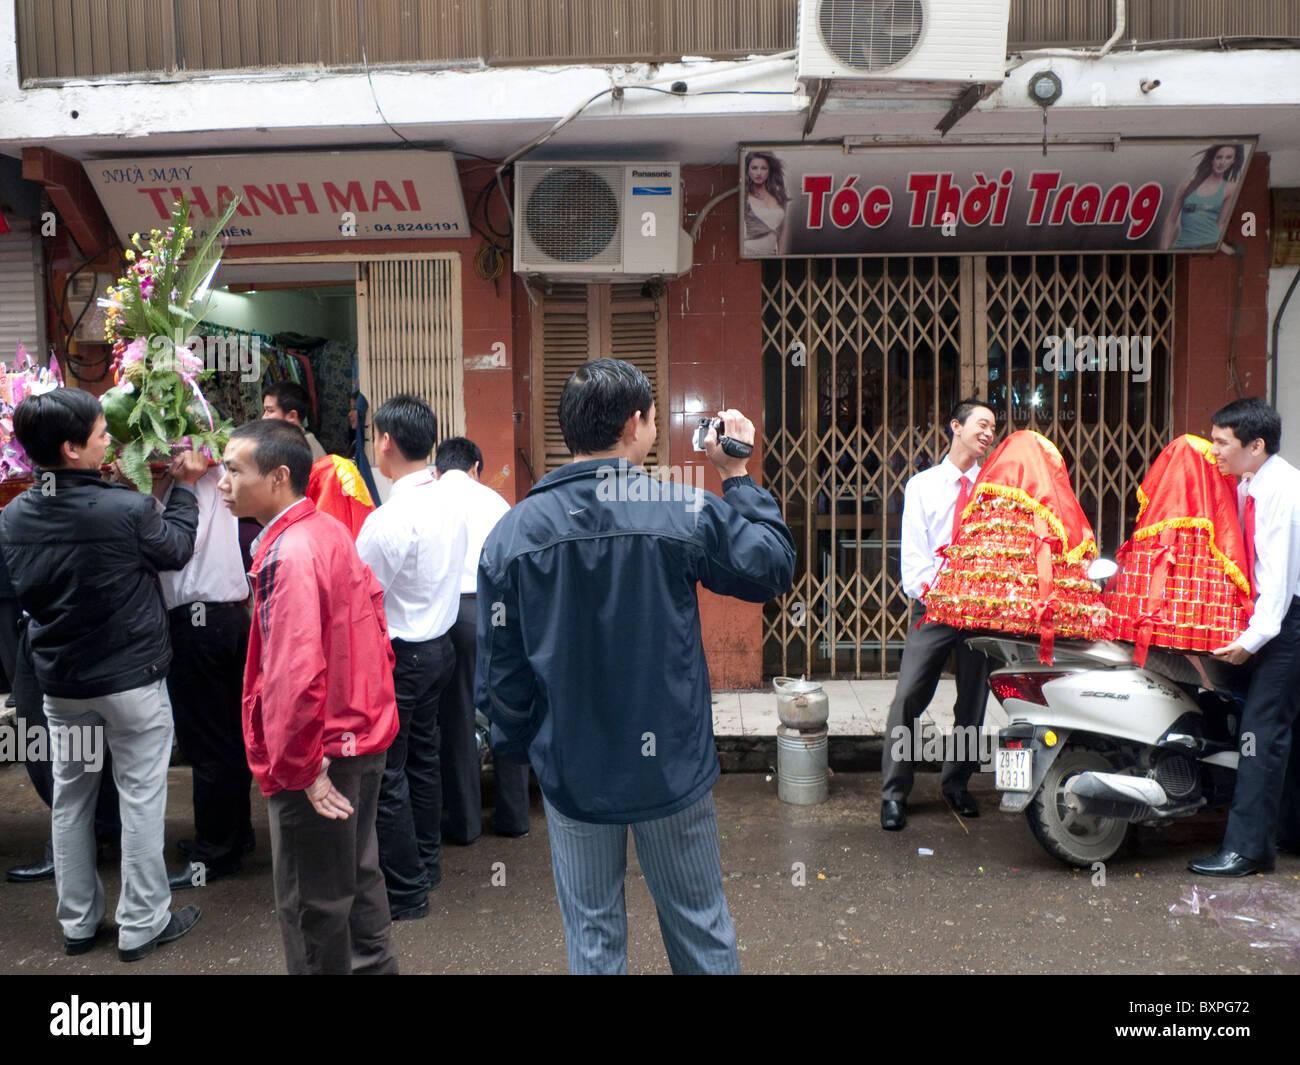 Hombres que llevaban celebraciones de bodas Imagen De Stock